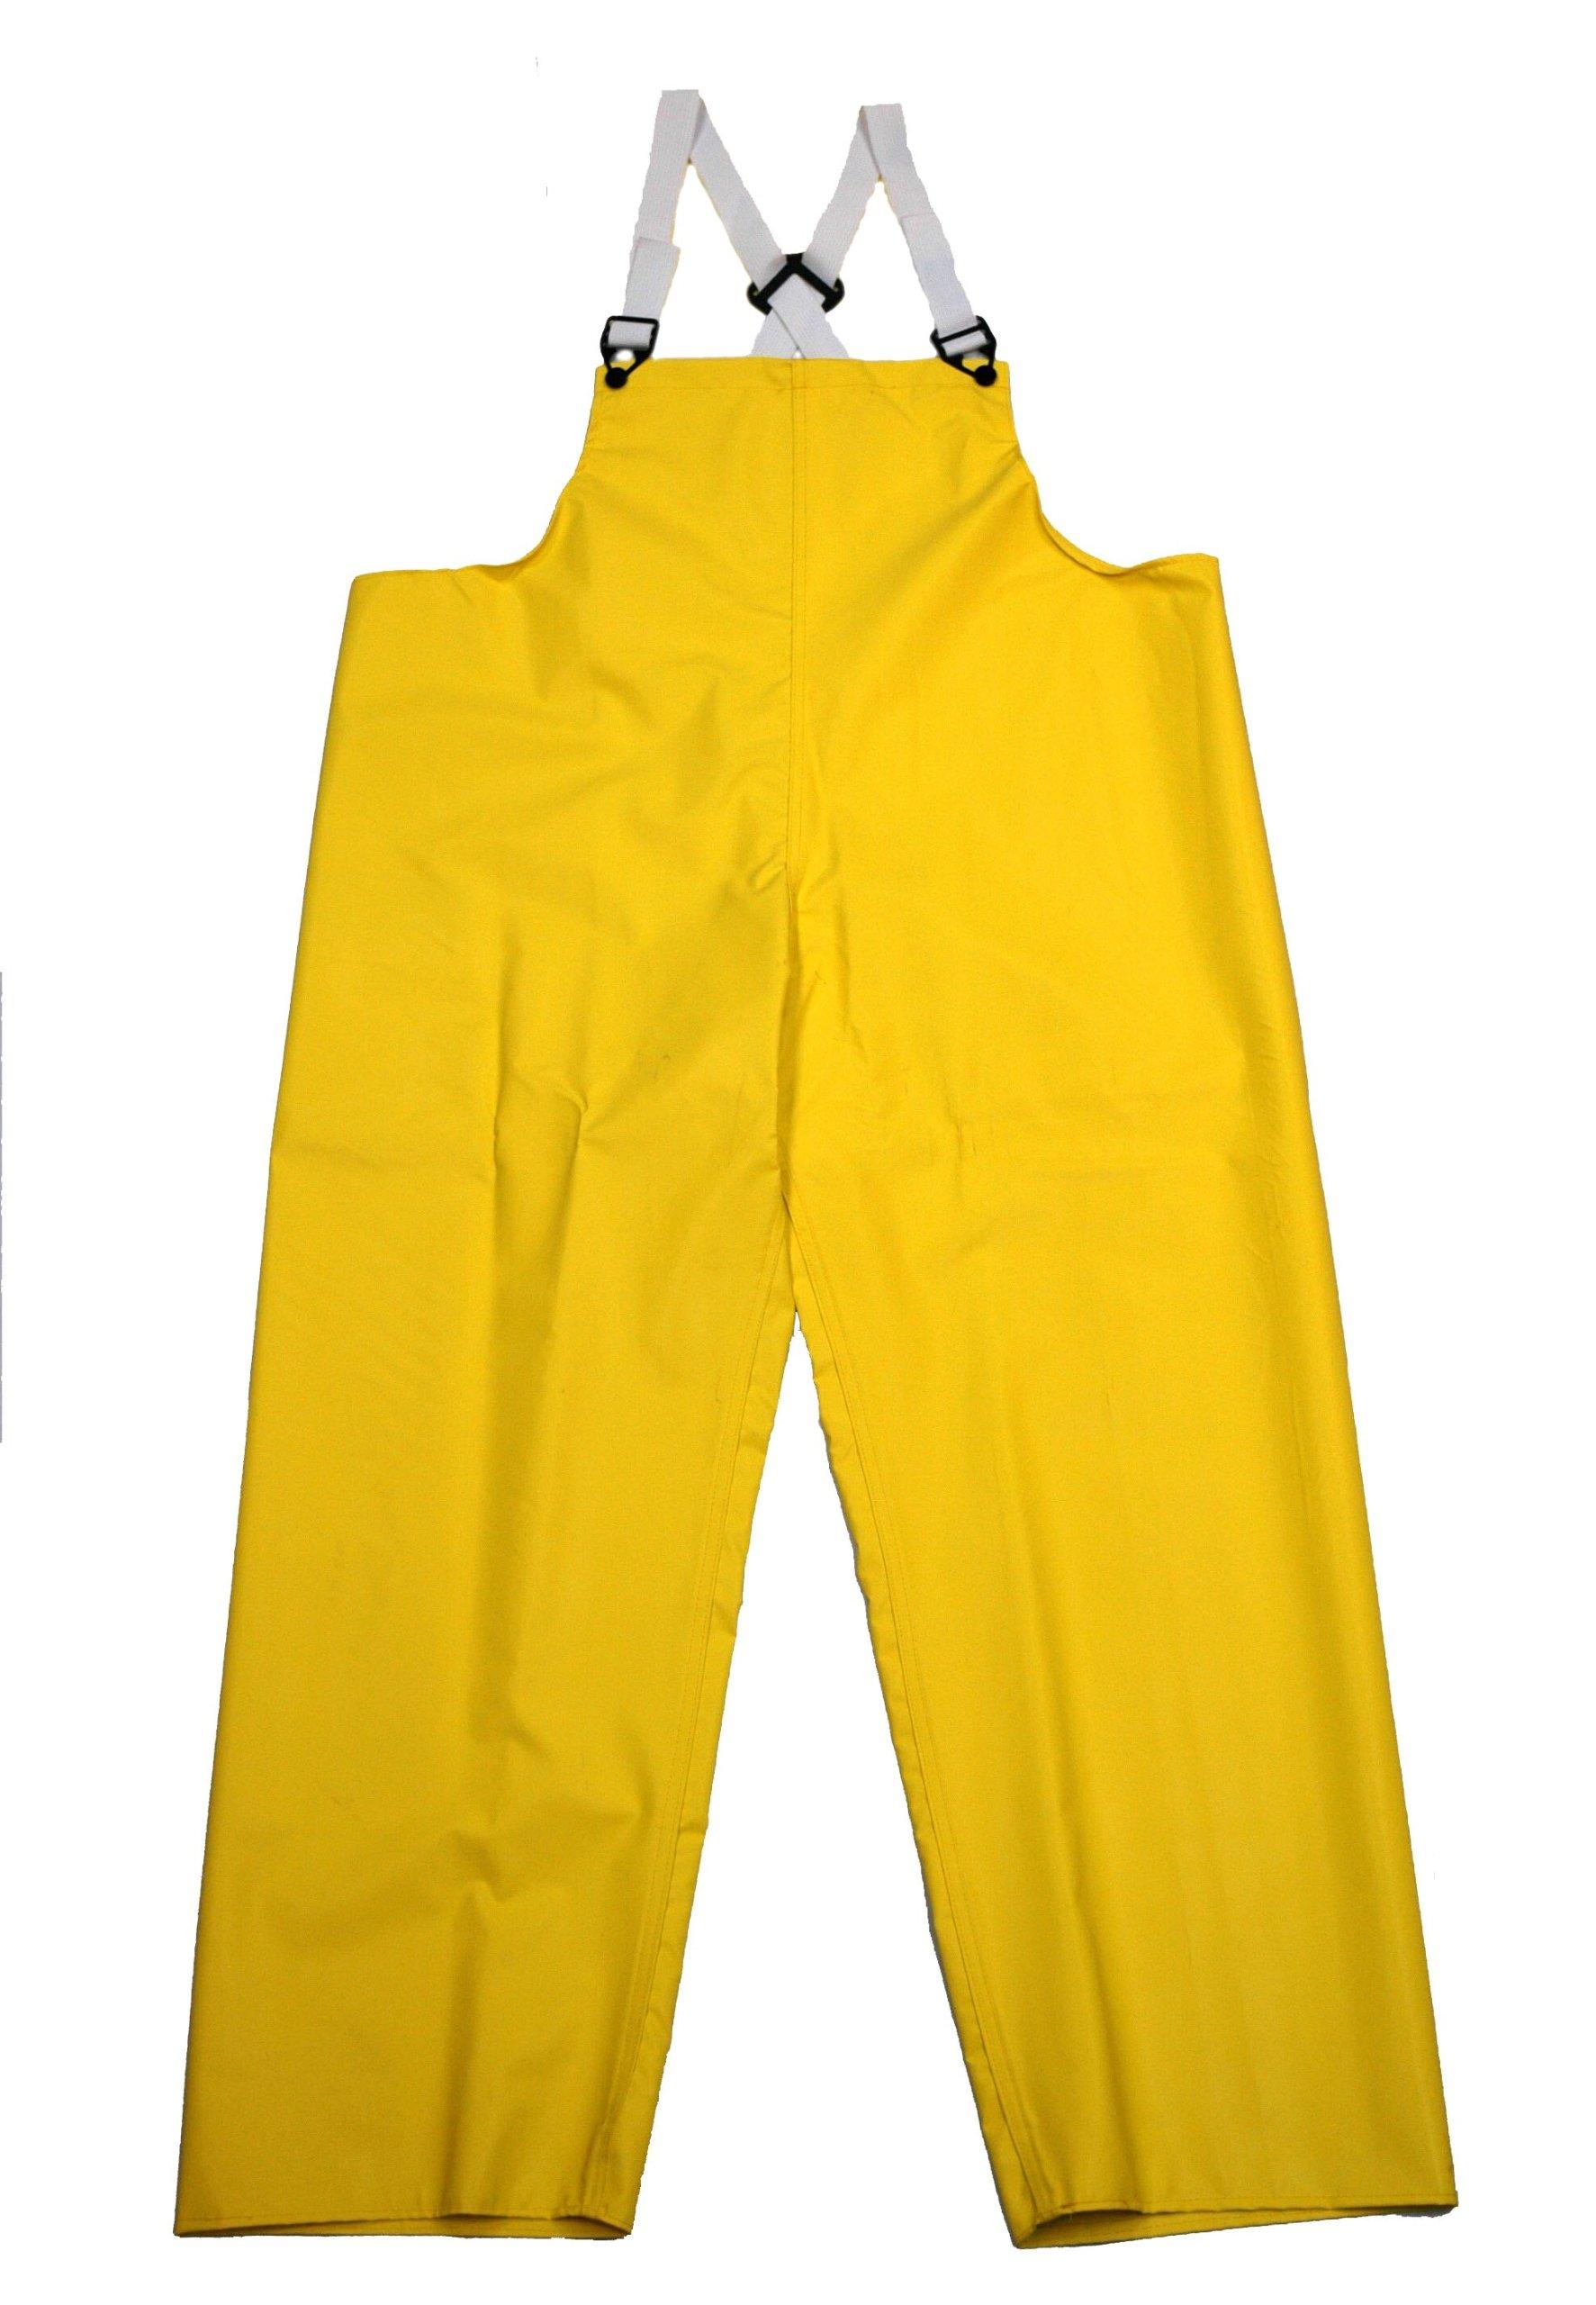 Neese 45BT Flame Resistant Neoprene/Nylon Magnum Bib Trouser, Medium, Green